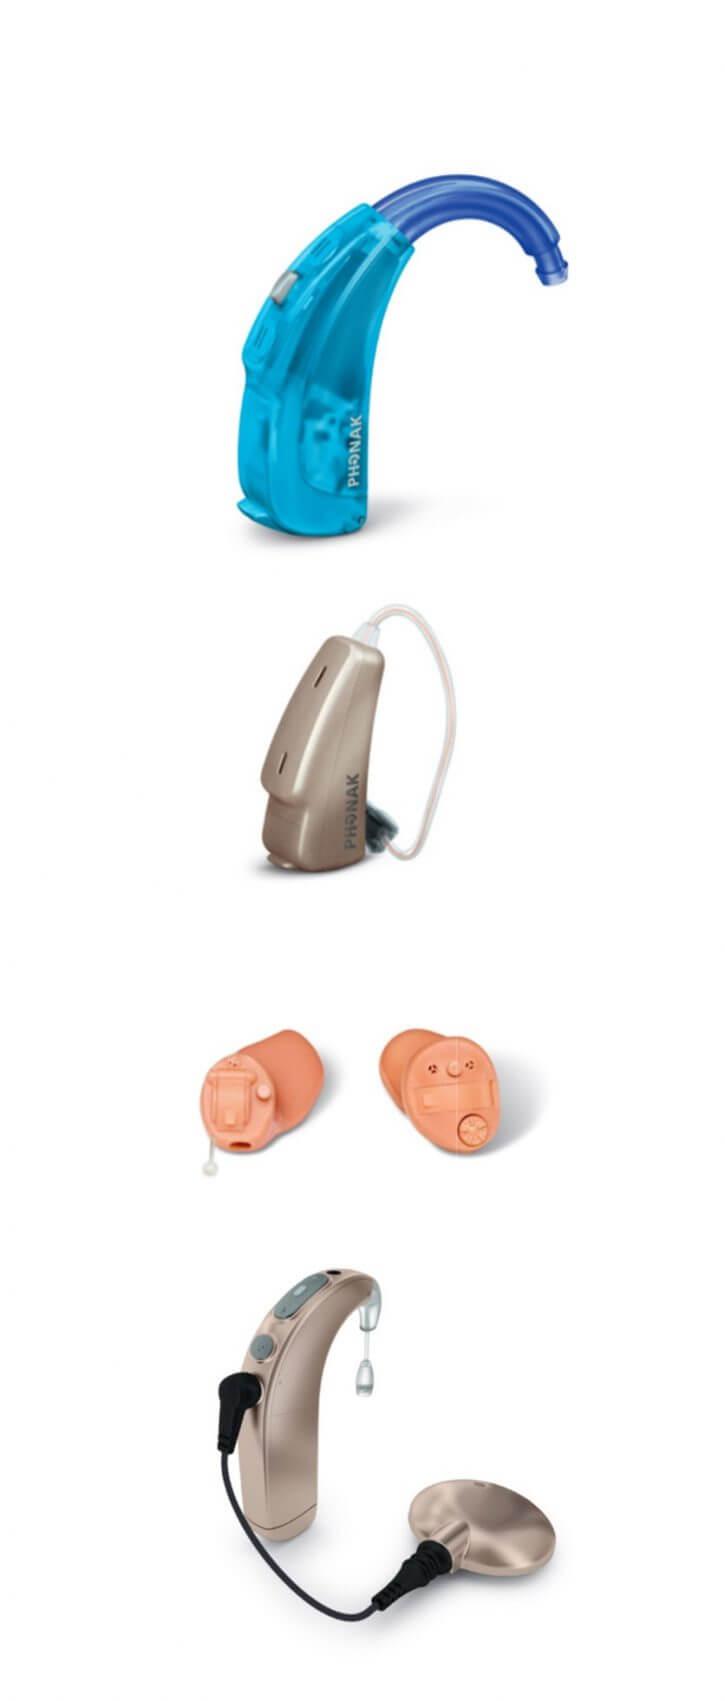 die wahl der hörgeräte für kinder